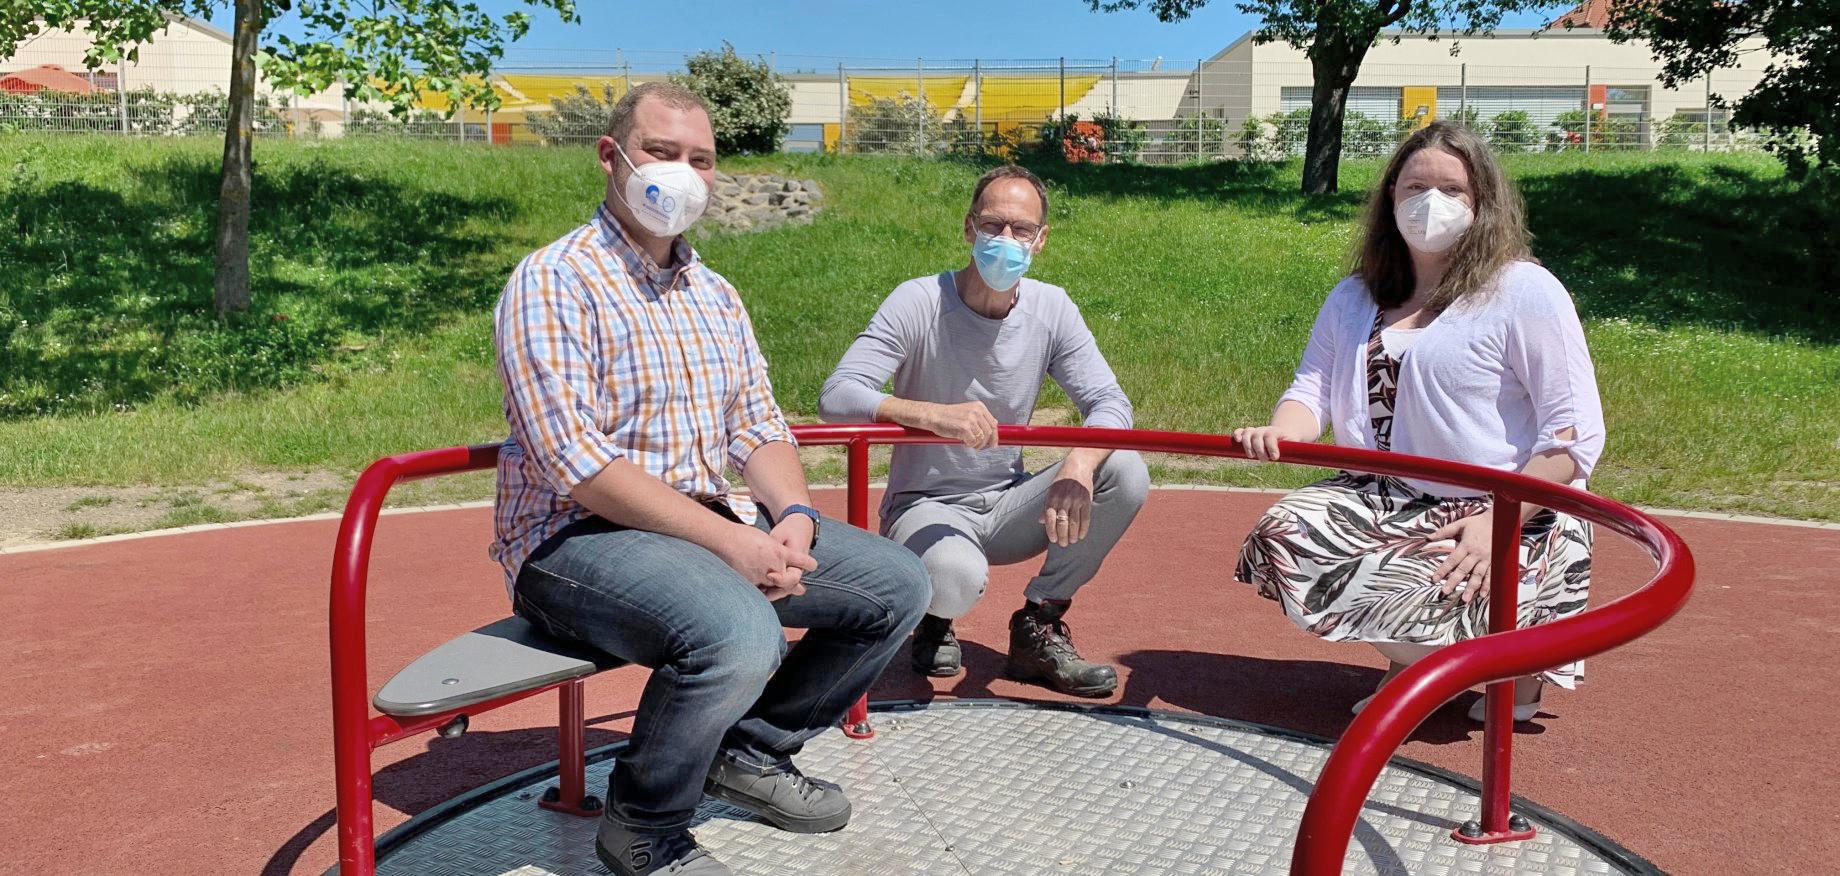 Christian Kolf (links), städtischer Jugendpfleger, Olaf Golzheim (Mitte) vom Grünflächenamt und Bürgermeisterin Nadine Leonhardt (rechts), Bild: Stadt Eschweiler